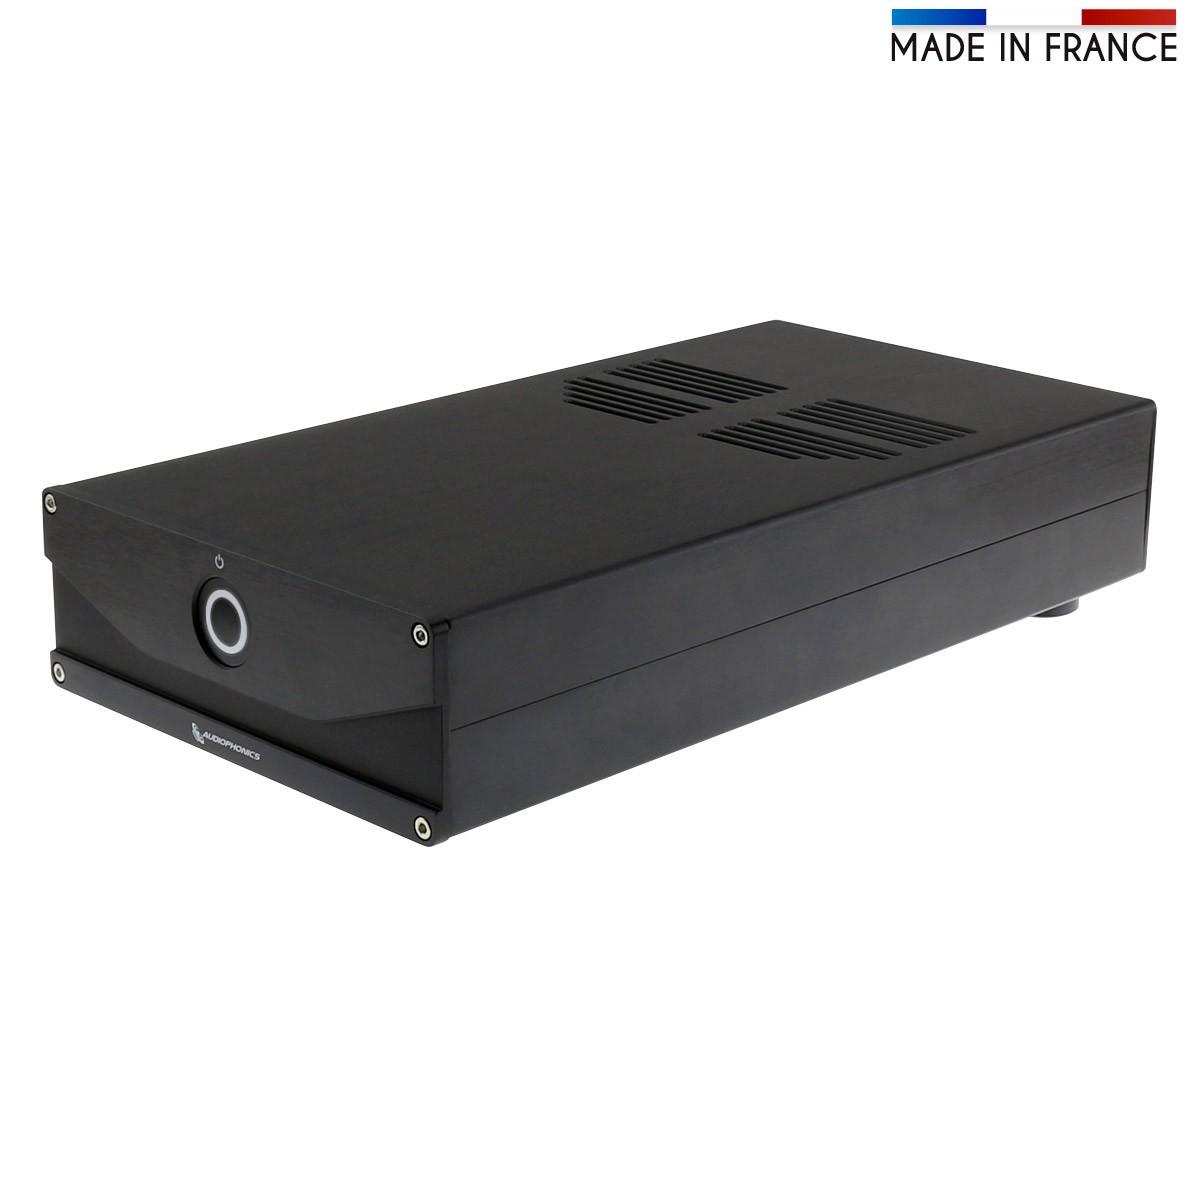 AUDIOPHONICS LPA-S400ET Class D Stereo Amplifier Purifi 2x400W 4 Ohm